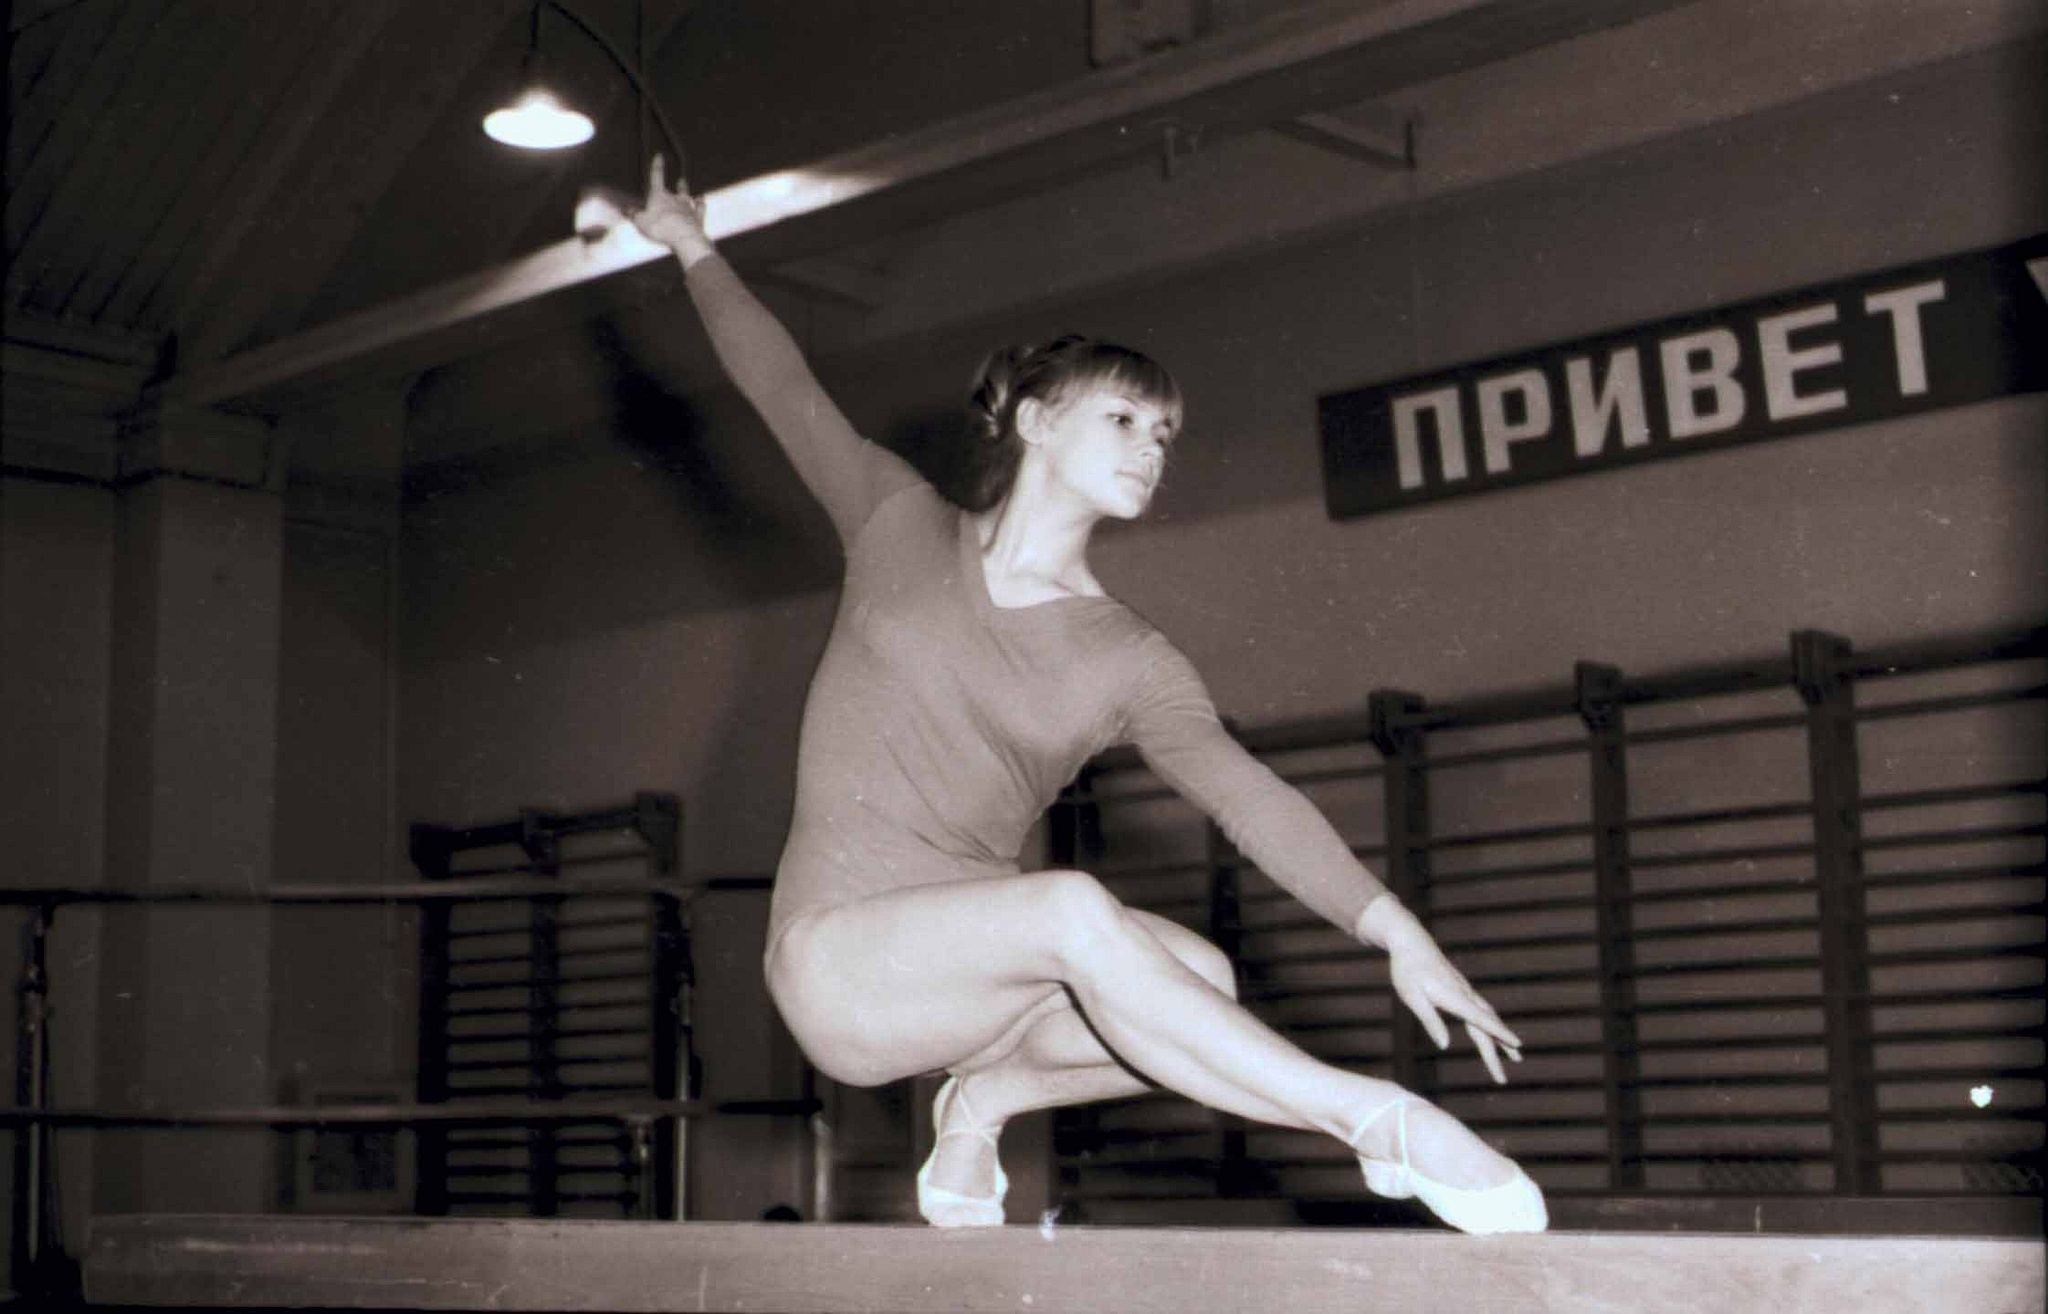 24 апреля центр культуры «Хорошевский» приглашает на встречу с олимпийскими чемпионами